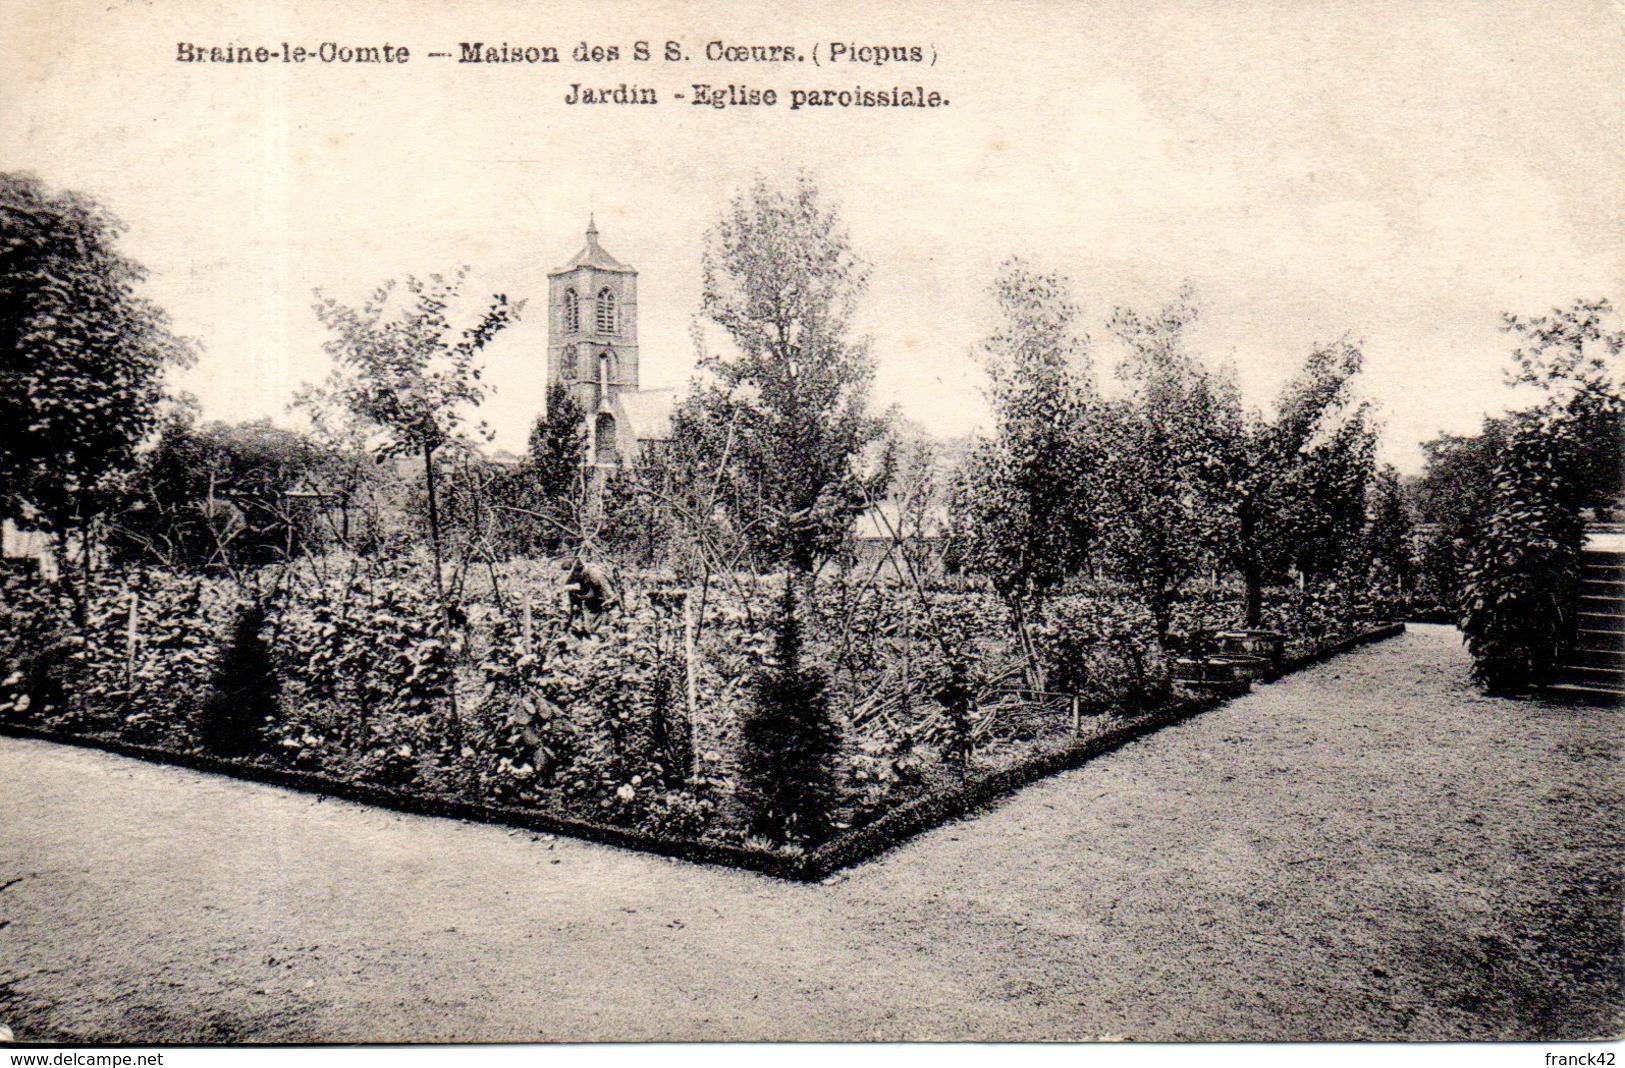 Belgique. Braine Le Comte. Maison Des S.S Coeur (picpus). Jardin; église Paroissiale - Braine-le-Comte